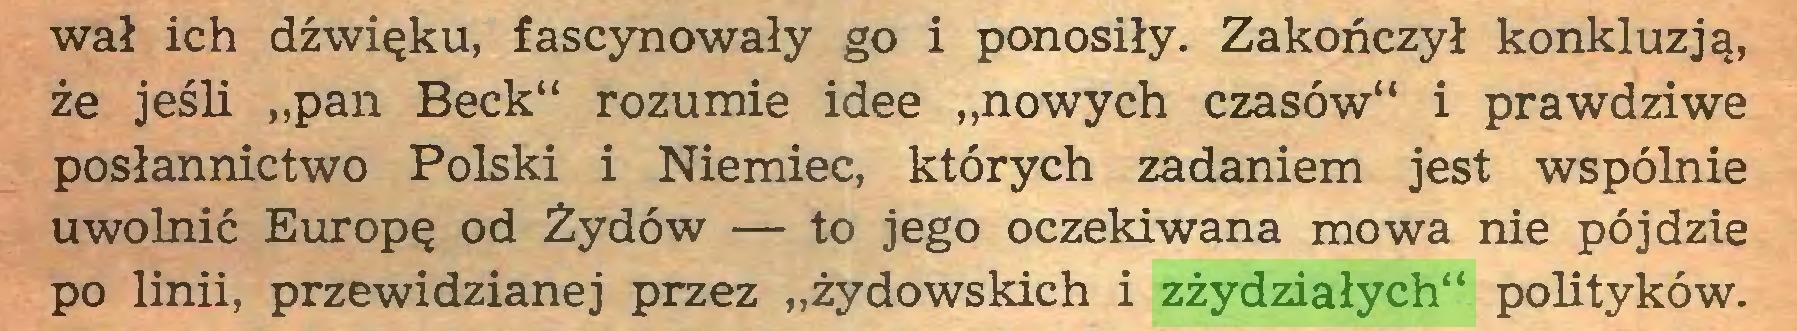 """(...) wał ich dźwięku, fascynowały go i ponosiły. Zakończył konkluzją, że jeśli """"pan Beck"""" rozumie idee """"nowych czasów"""" i prawdziwe posłannictwo Polski i Niemiec, których zadaniem jest wspólnie uwolnić Europę od Żydów — to jego oczekiwana mowa nie pójdzie po linii, przewidzianej przez """"żydowskich i zżydziałych"""" polityków..."""